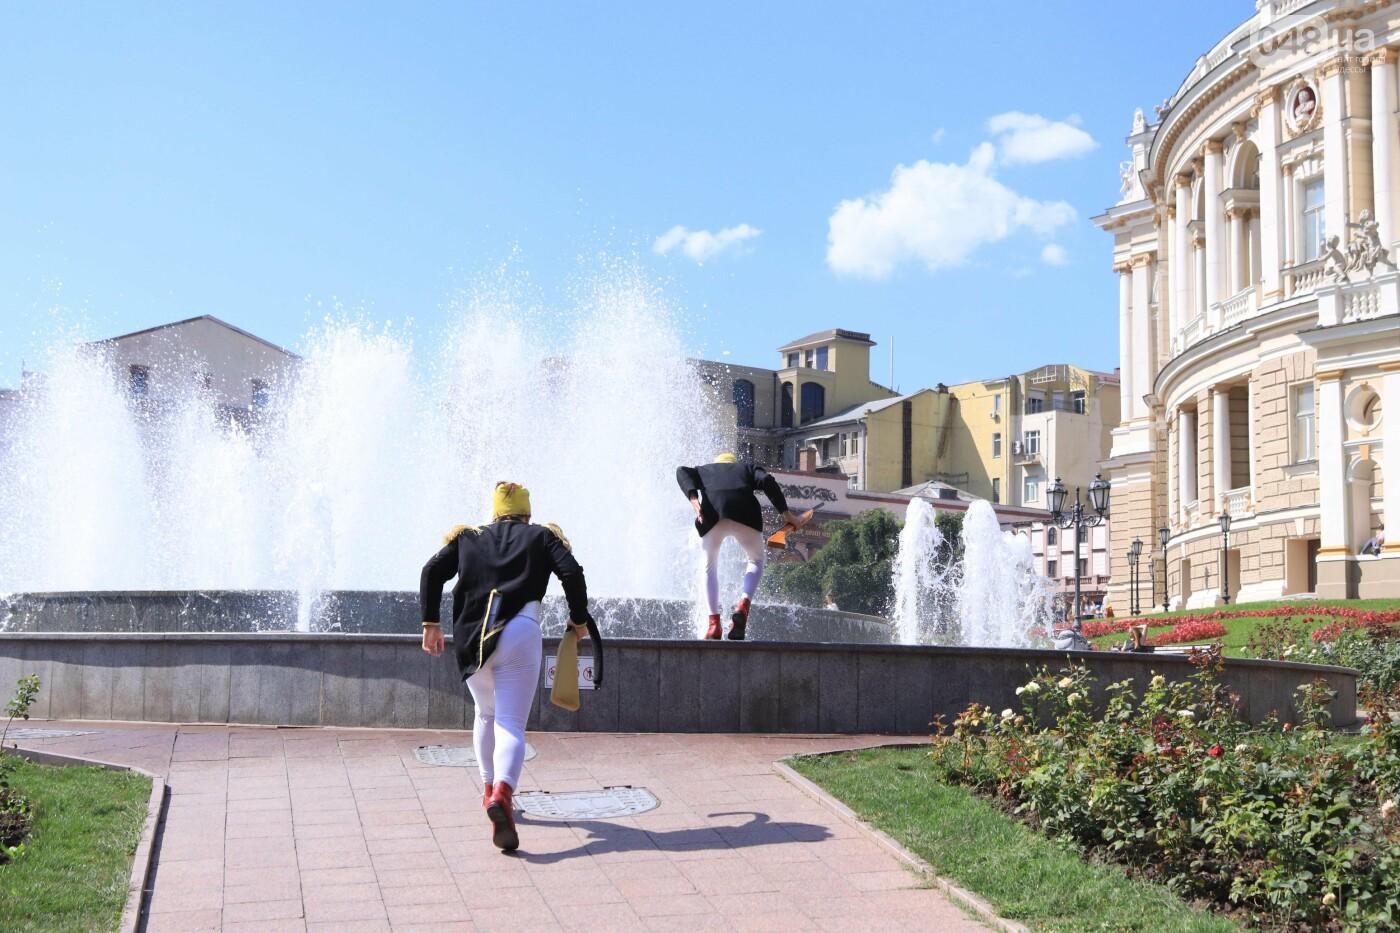 Парад клоунов в Одессе: яркая колонна шла от Дюка в Горсад, - ФОТО, ВИДЕО, СТРИМ, фото-13